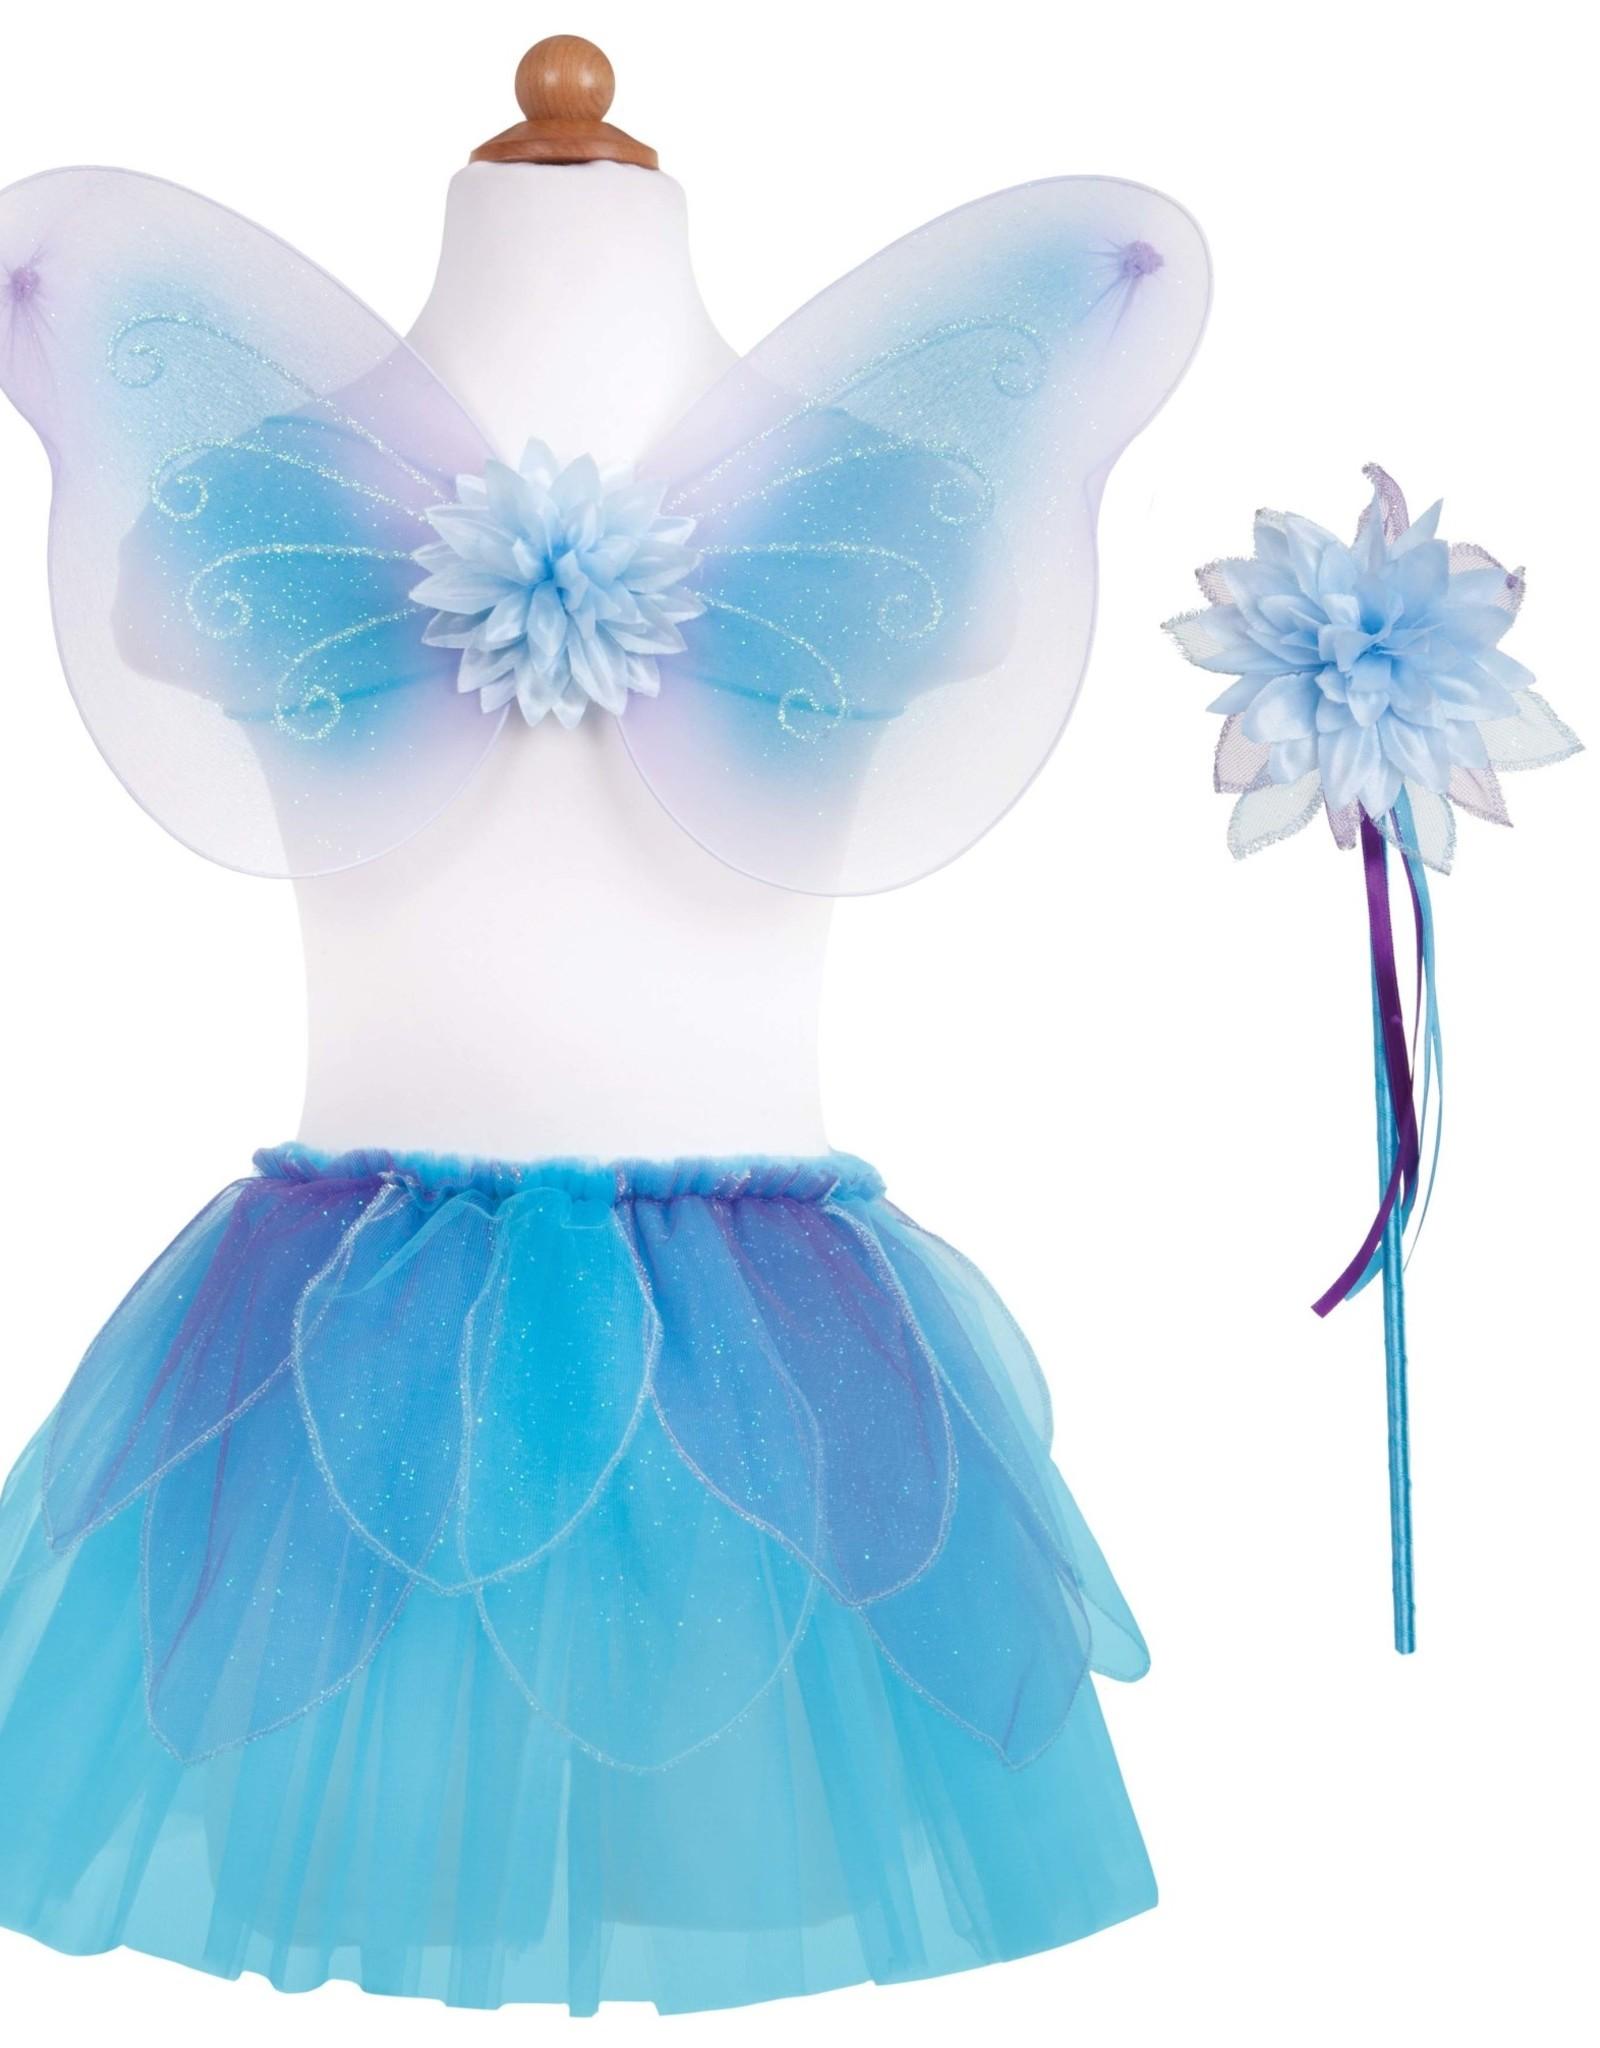 Great Pretenders Fancy Flutter Skirt with Wings & Wand - Blue